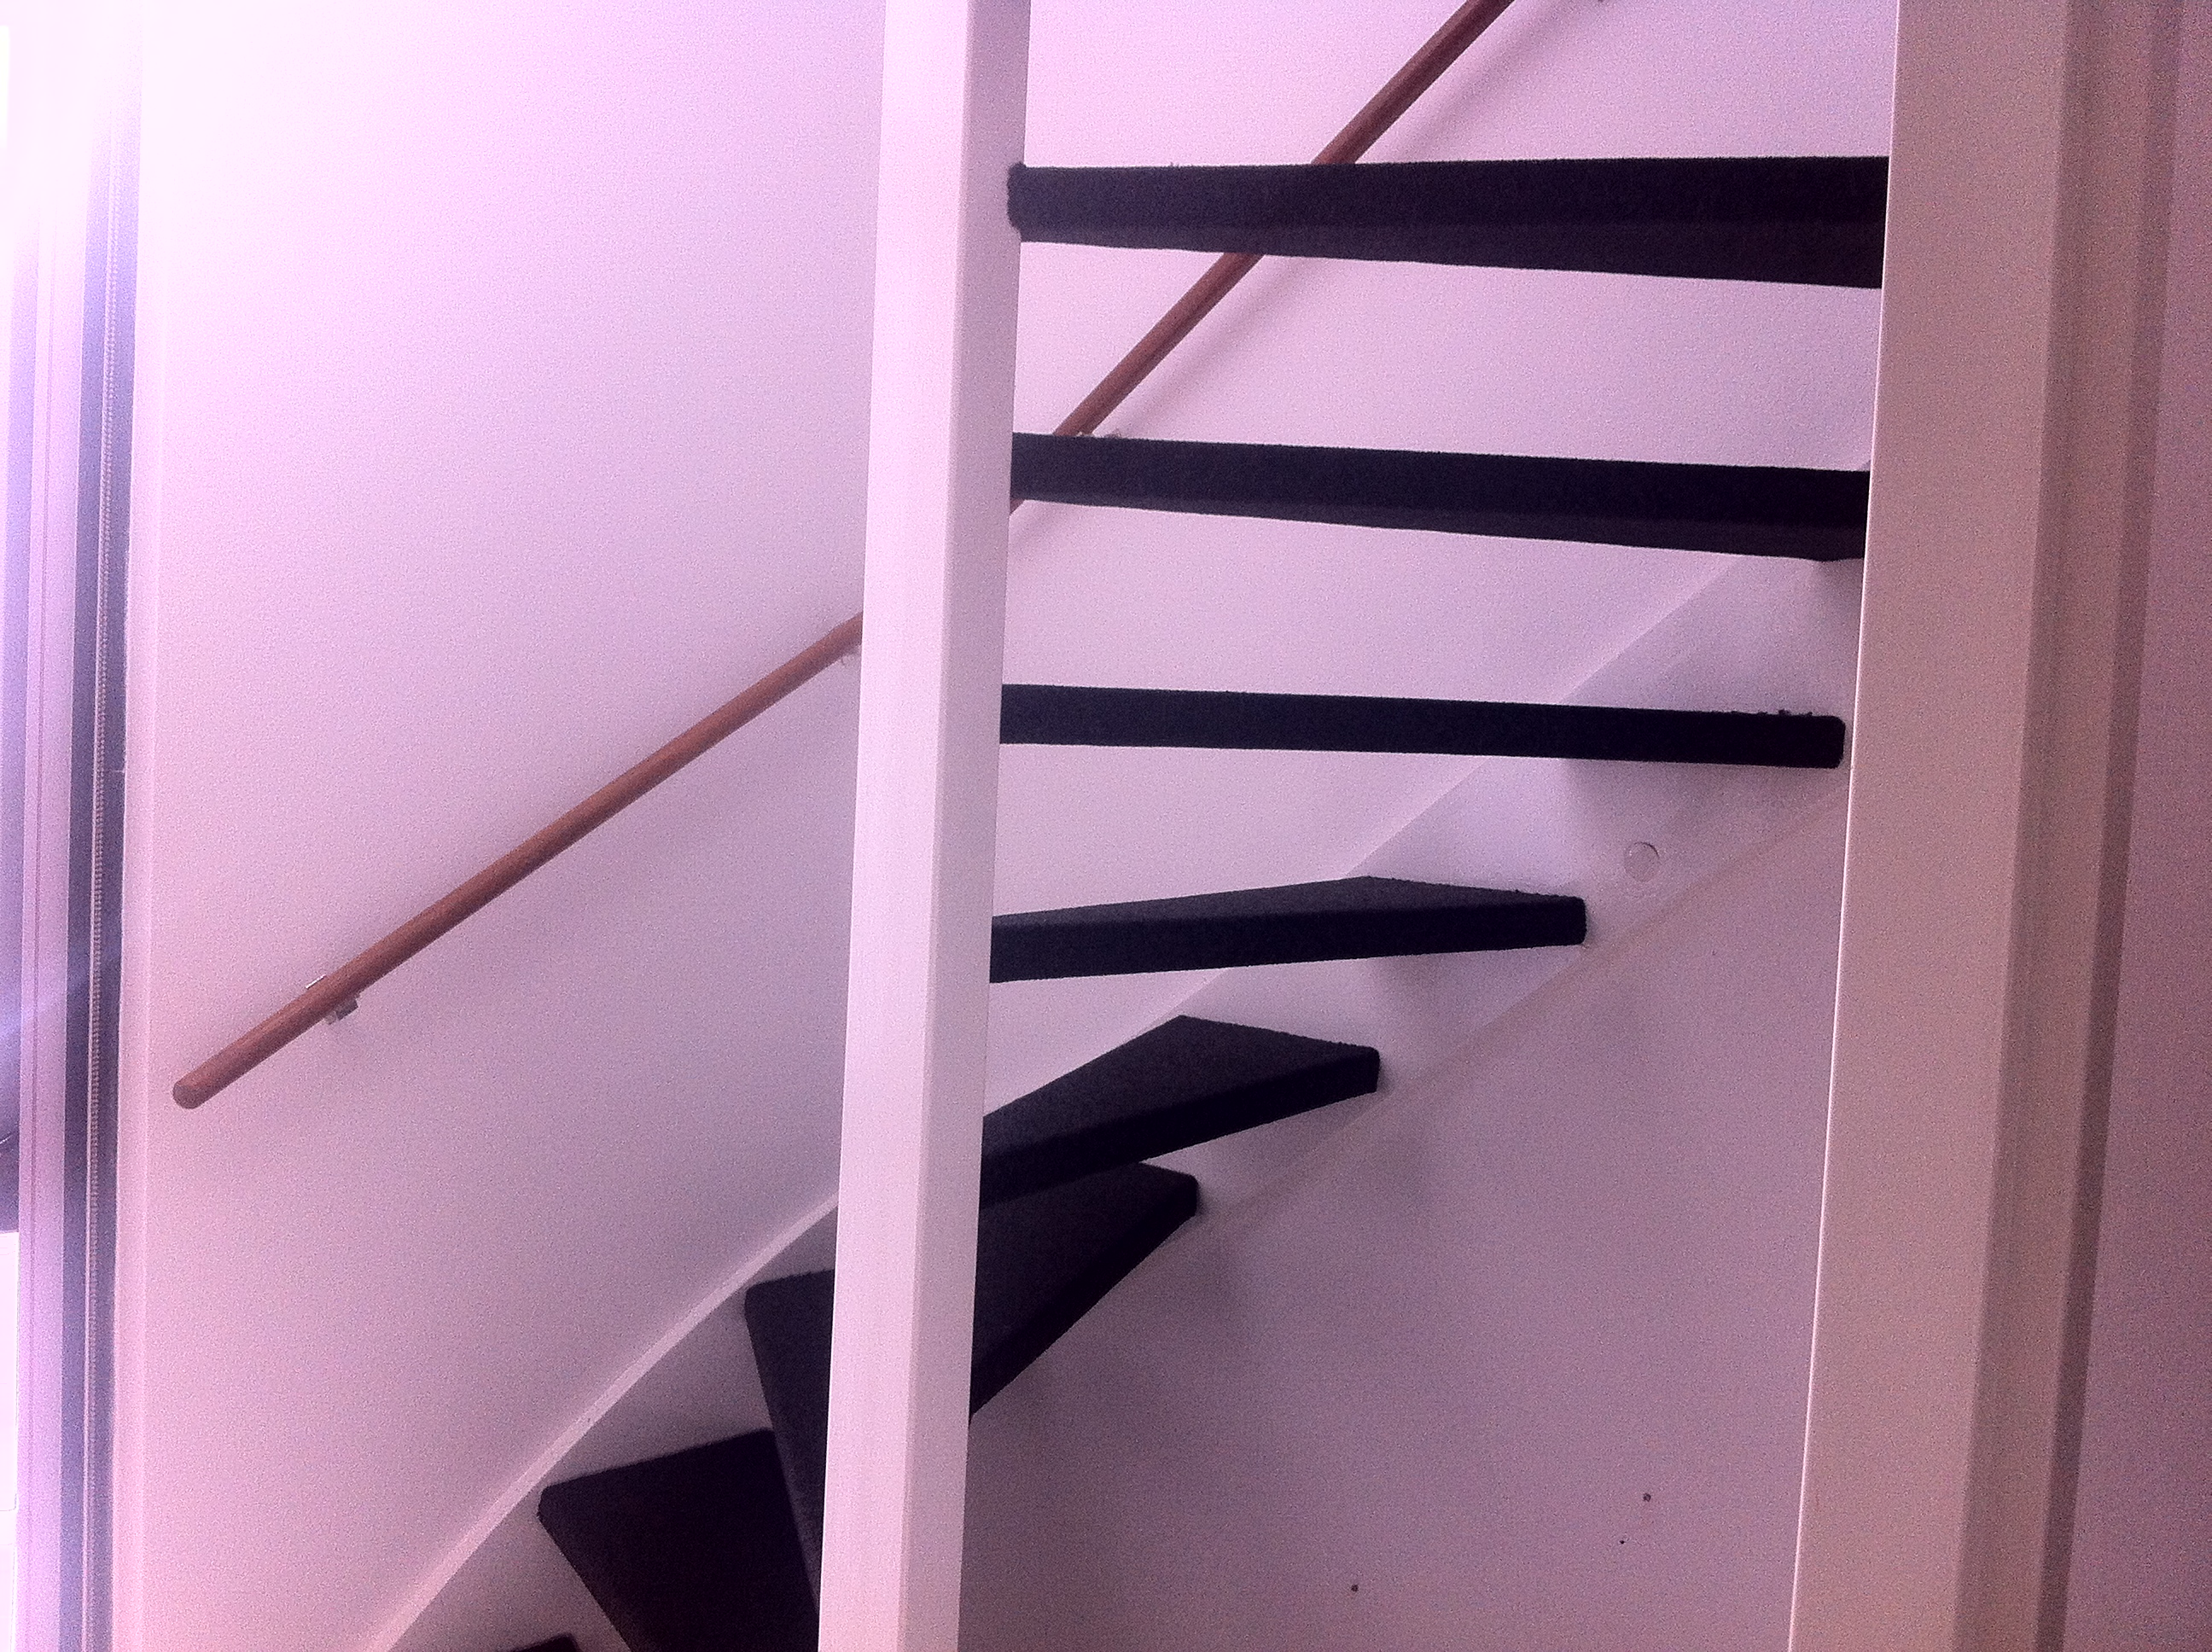 Bekend Open trap bekleden - MijnTrapBekleden.nl QW95